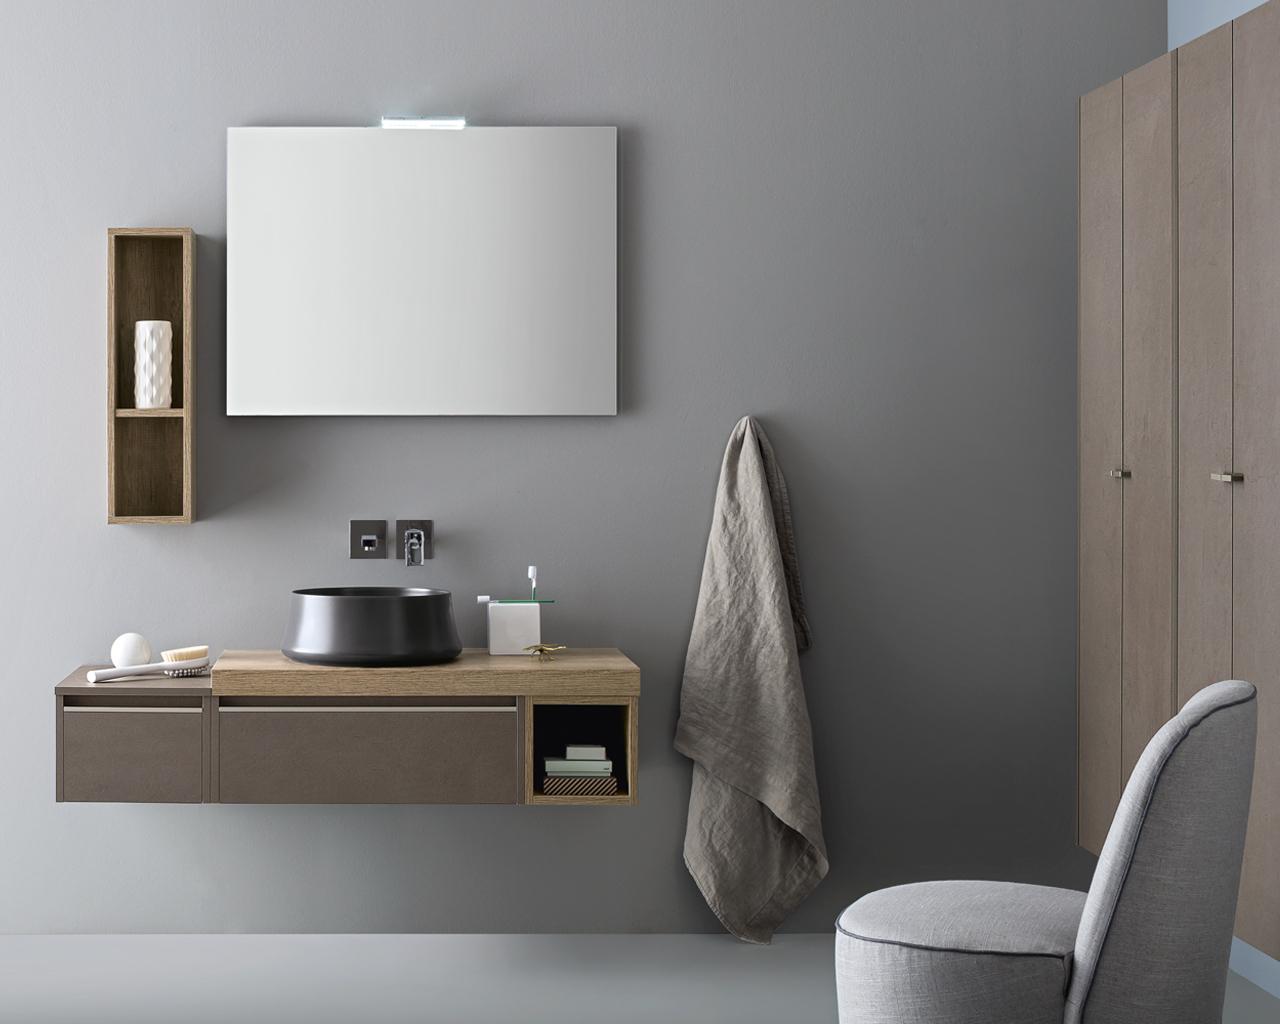 Soluzioni per un bagno entry level di design | DESIGN STREET